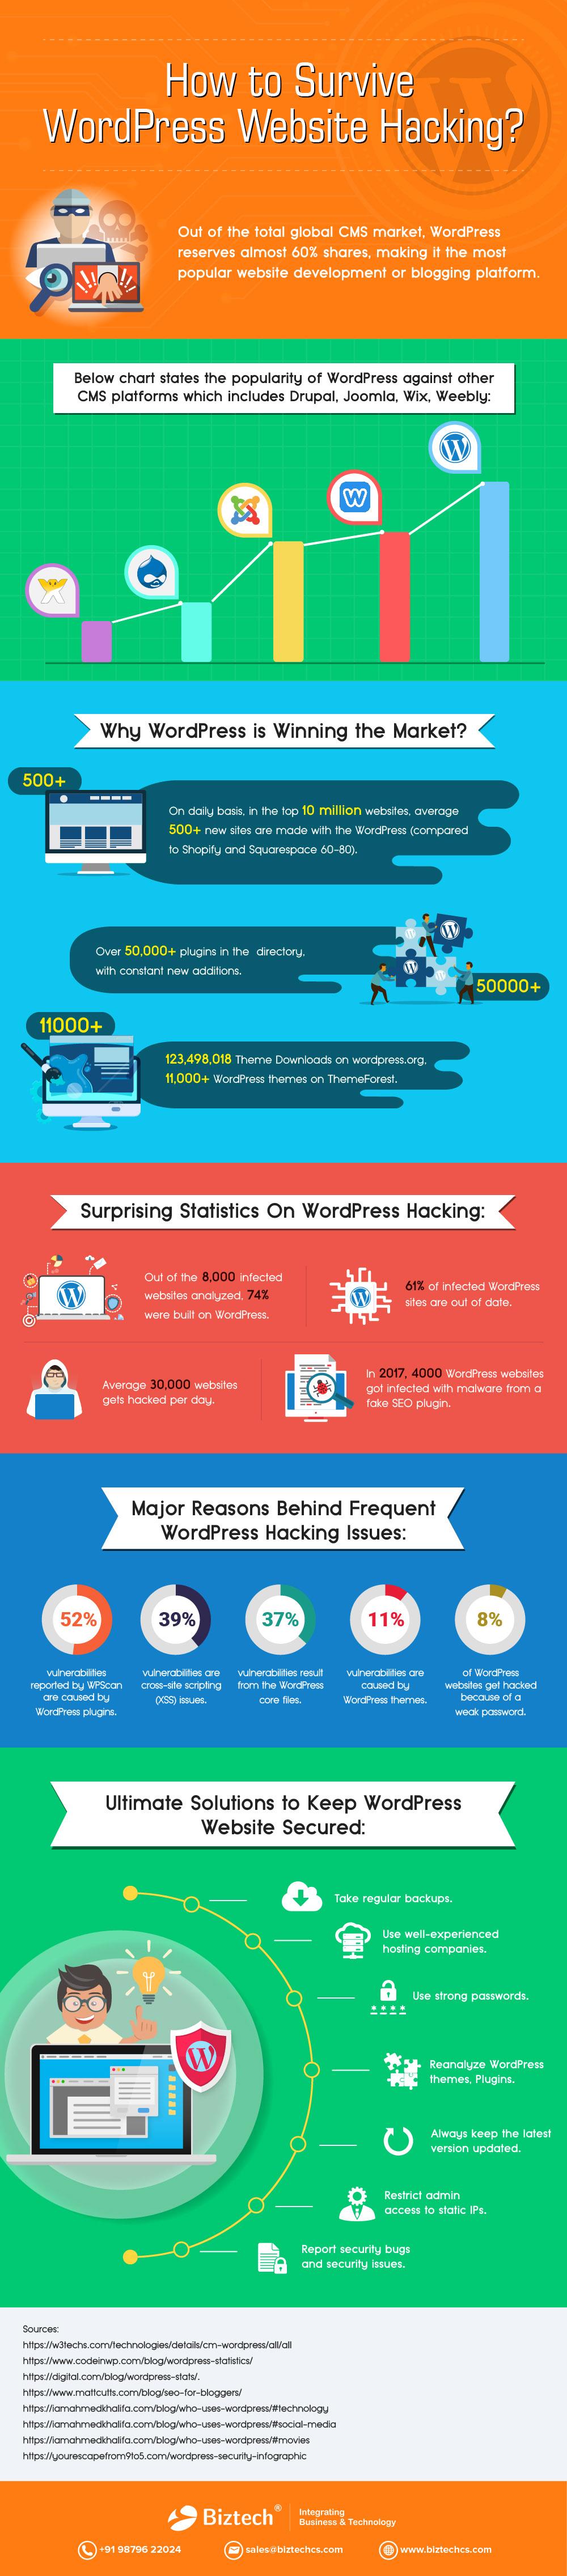 How to Survive WordPress Website Hacking